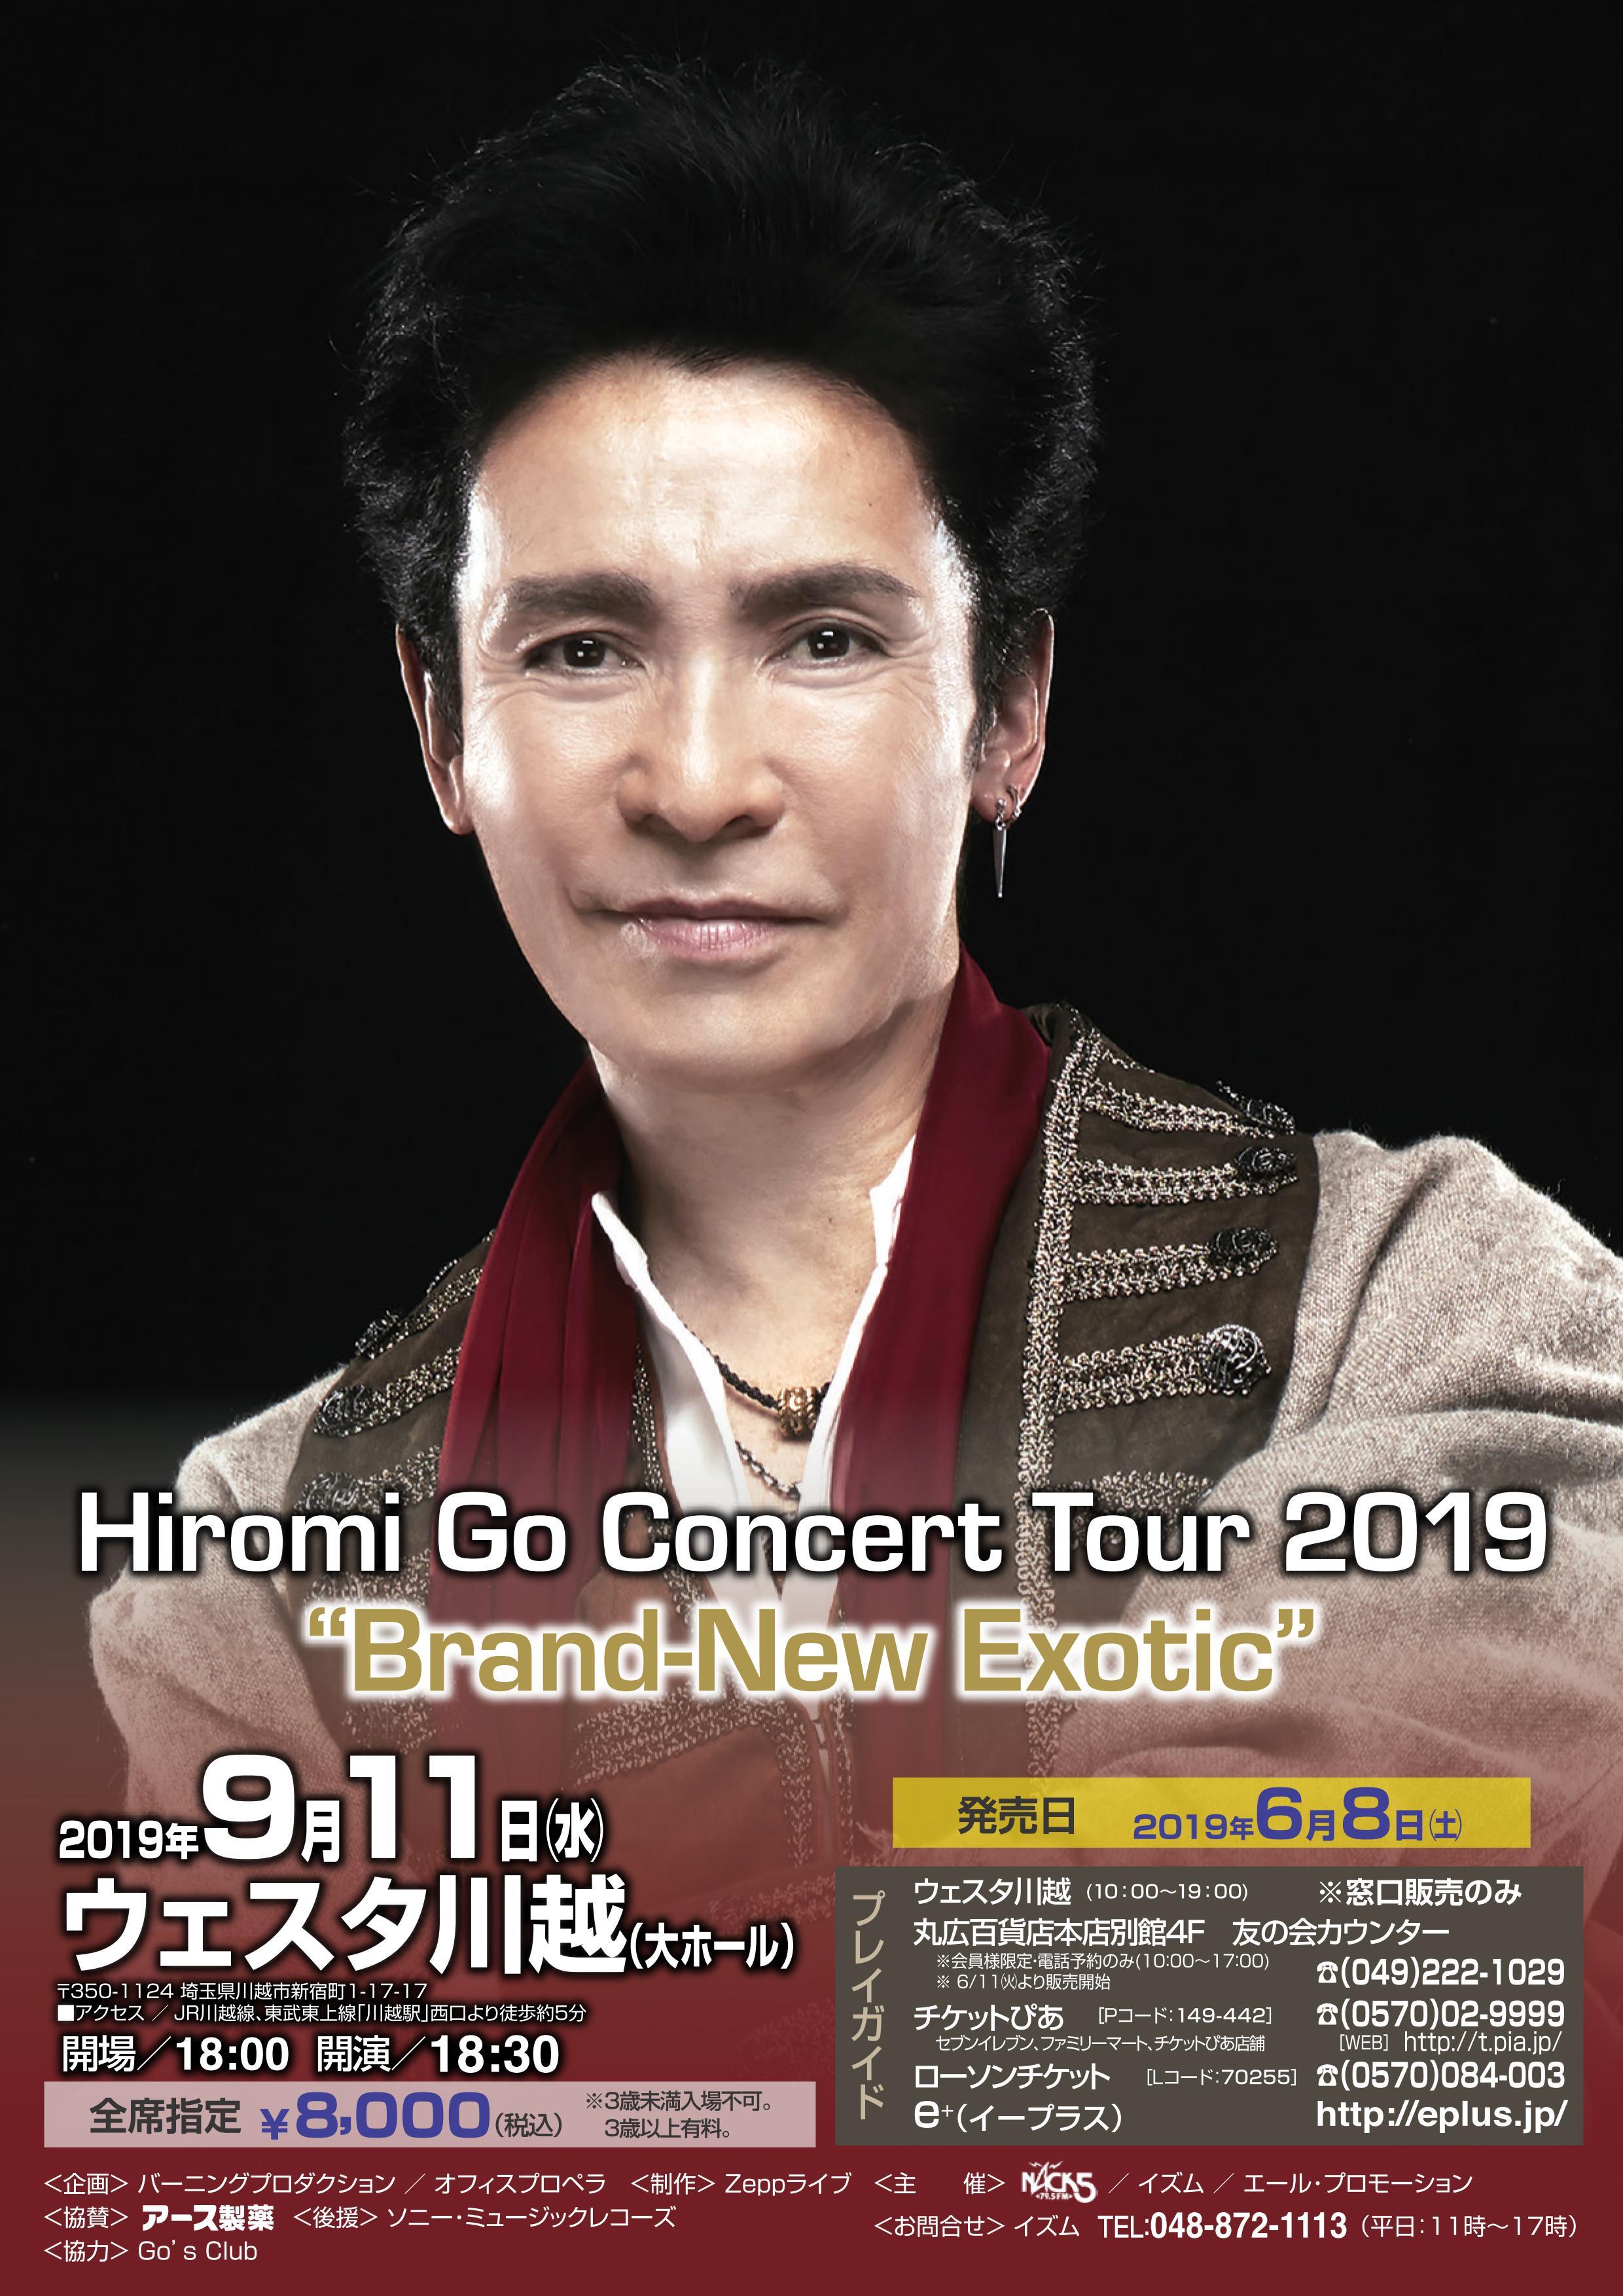 """郷ひろみ Hiromi Go Concert Tour 2019 """"Brand-New Exotic"""""""